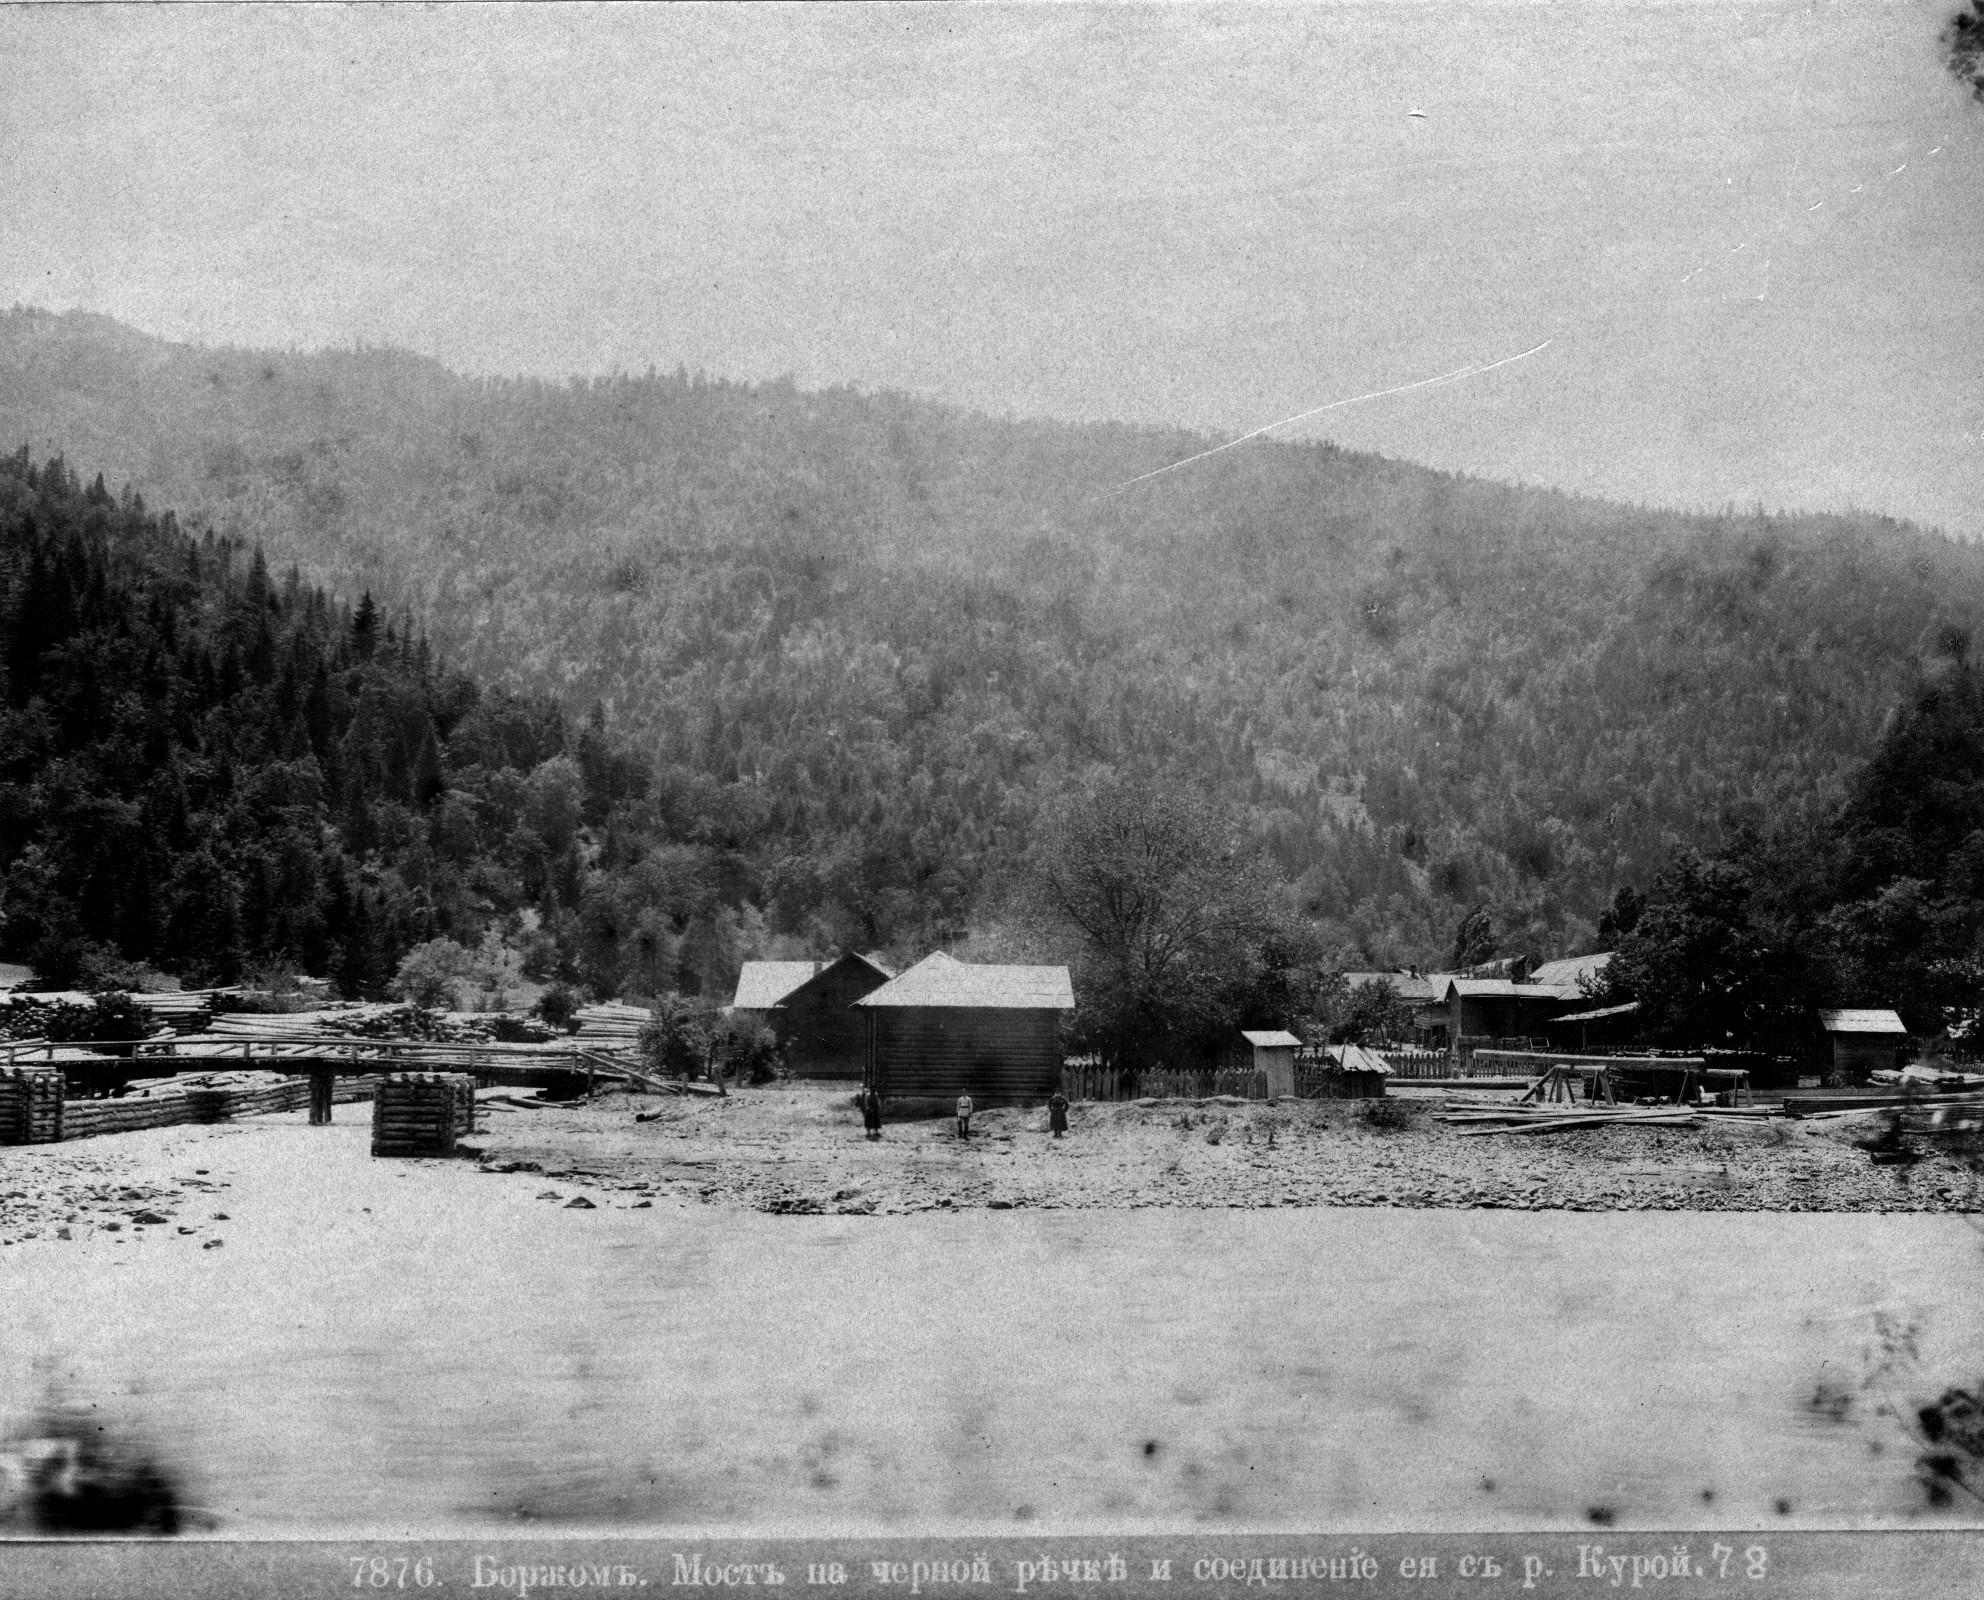 Мост на Чёрной речке и соединение ее с рекой Курой